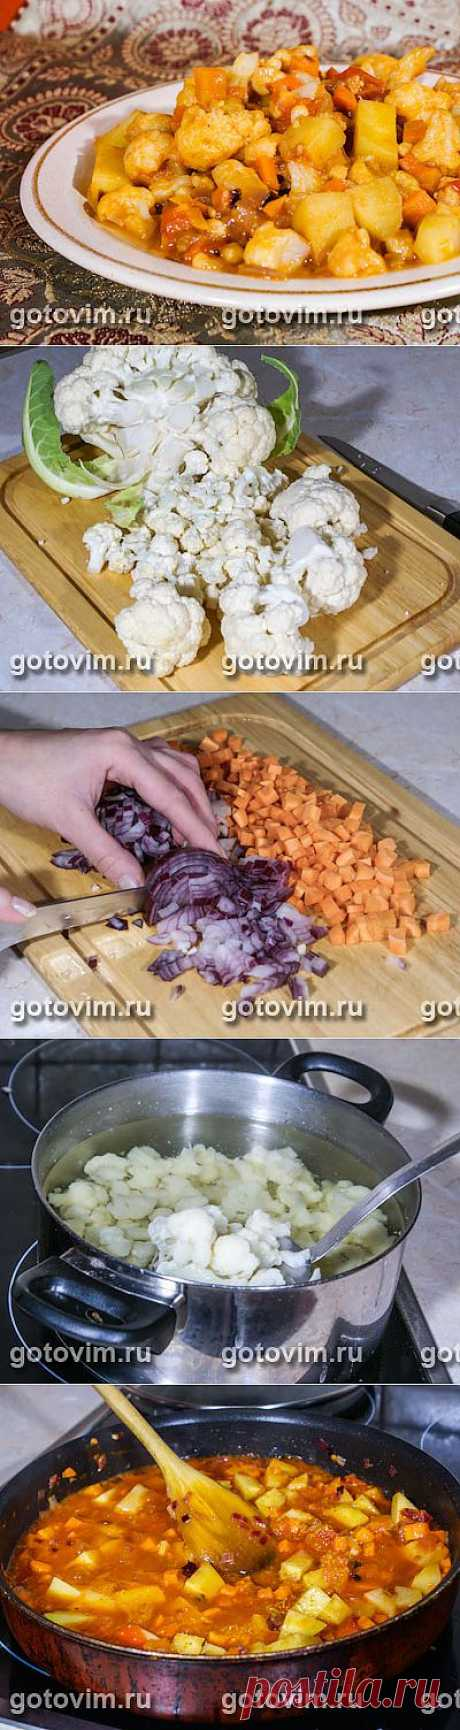 Рагу из цветной капусты.